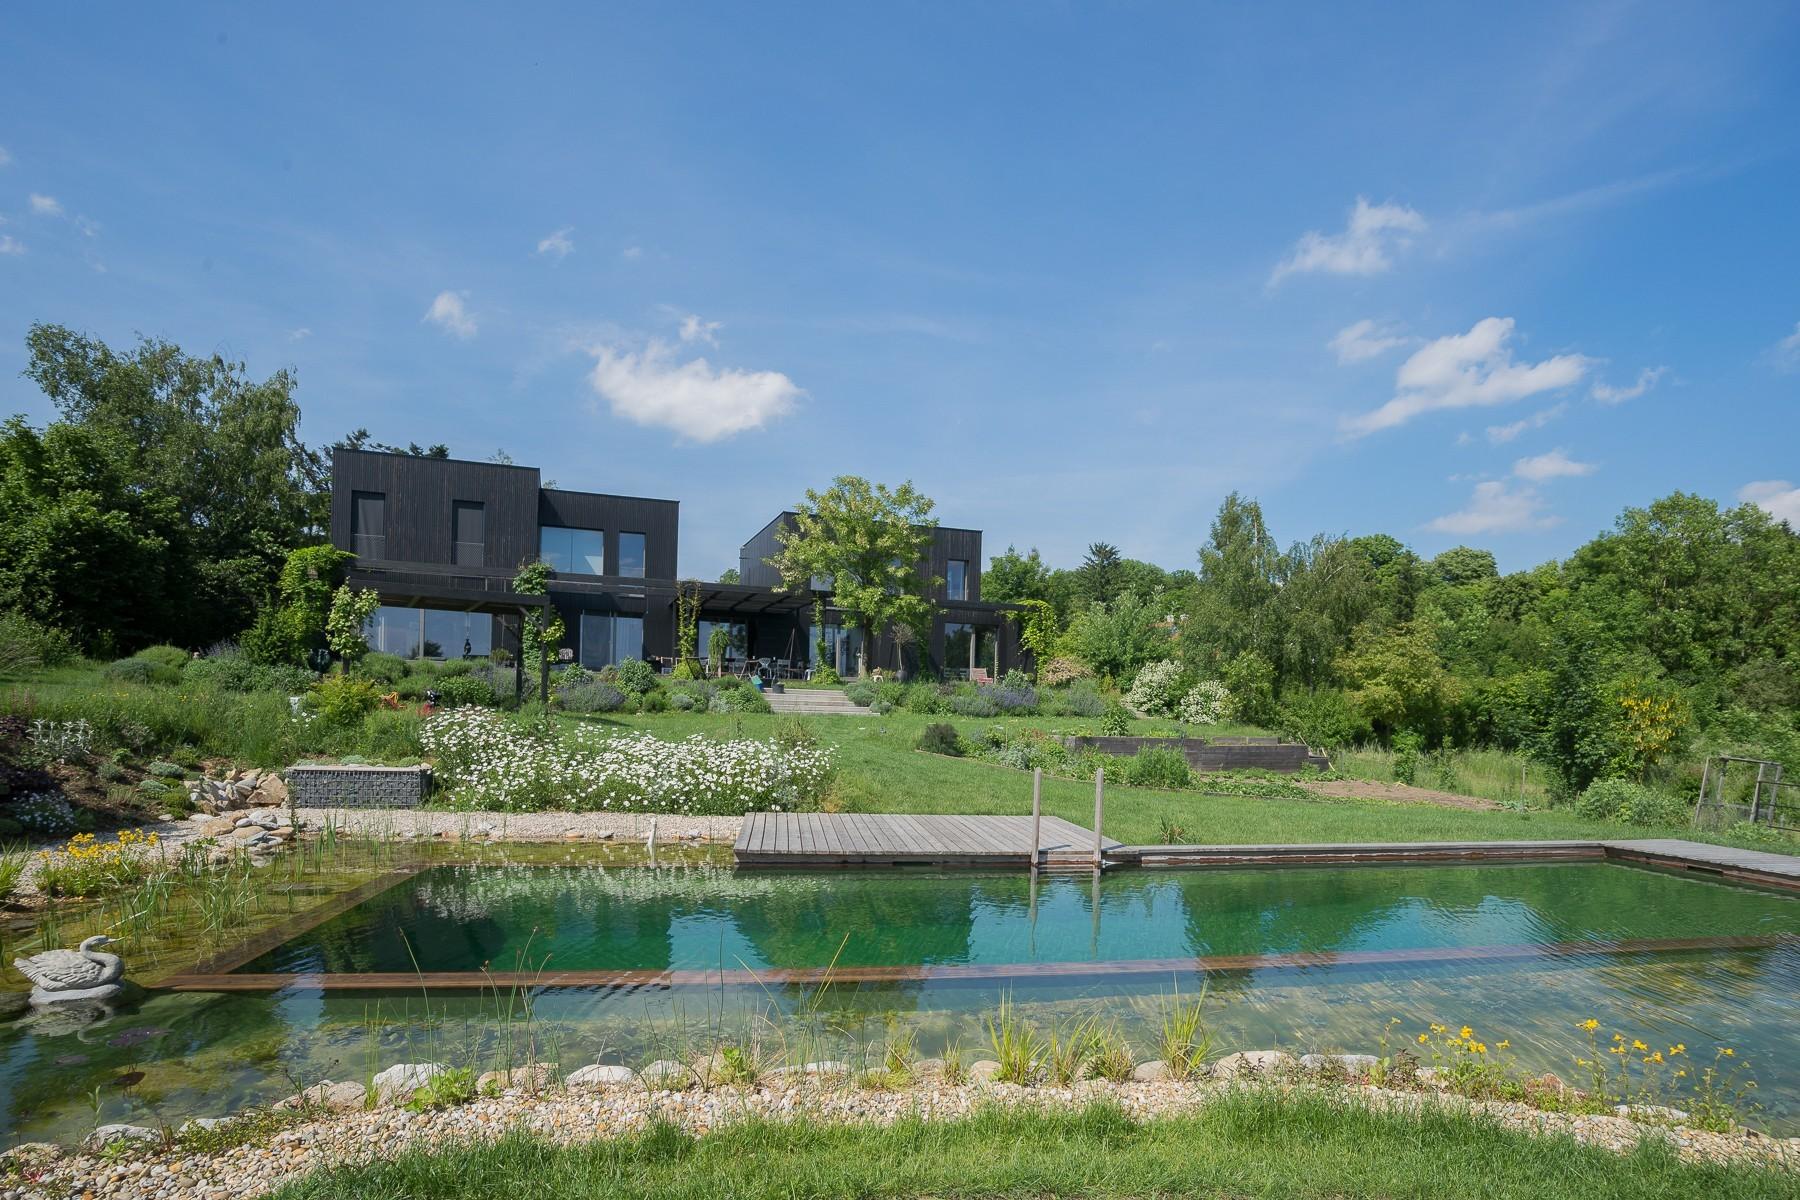 Biotop Ein Nat 220 Rlicher Swimming Teich Mit Blick In Den